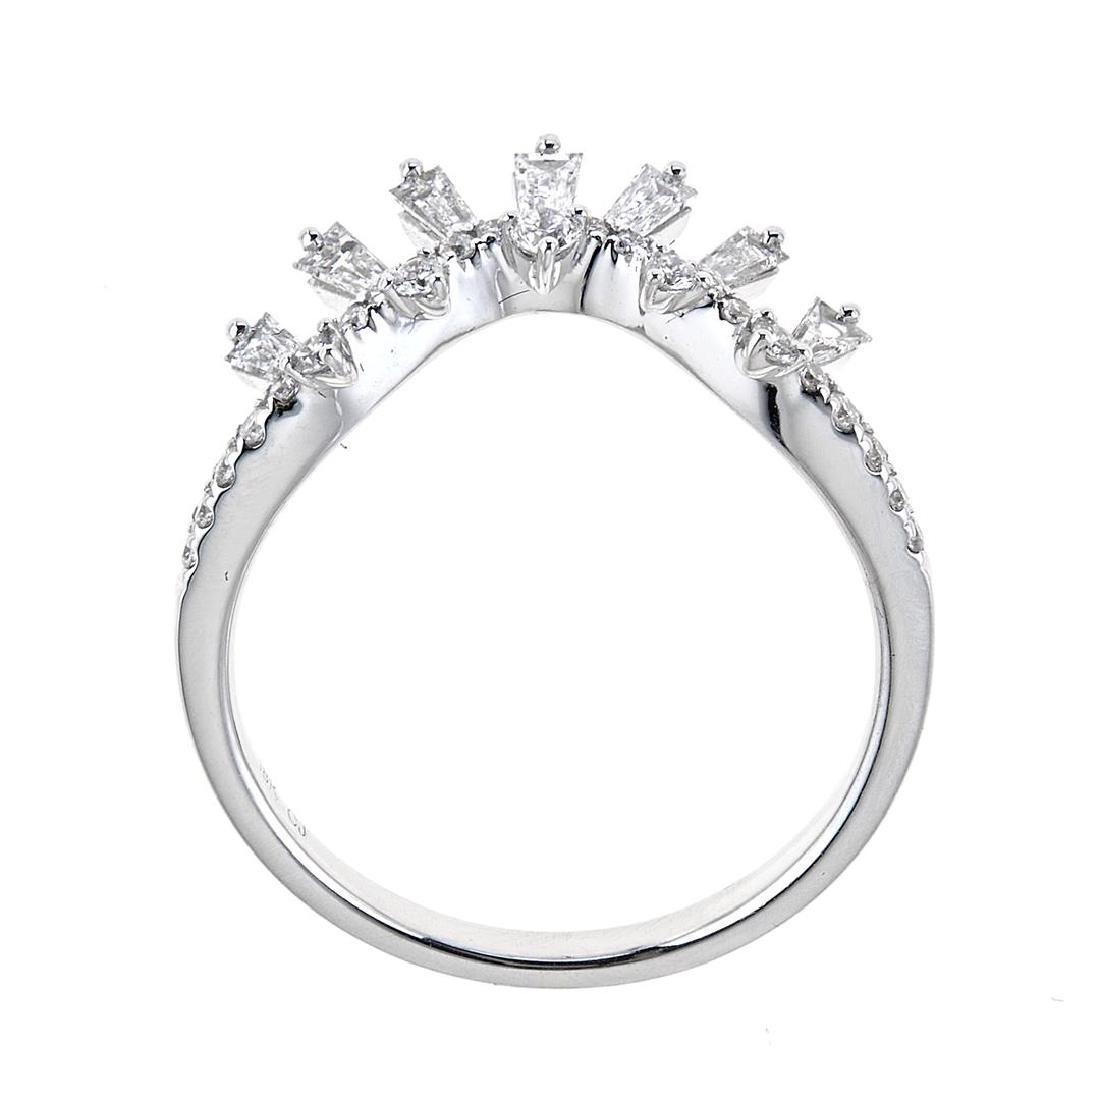 0.47 ctw Diamond Ring - 18KT White Gold - 2